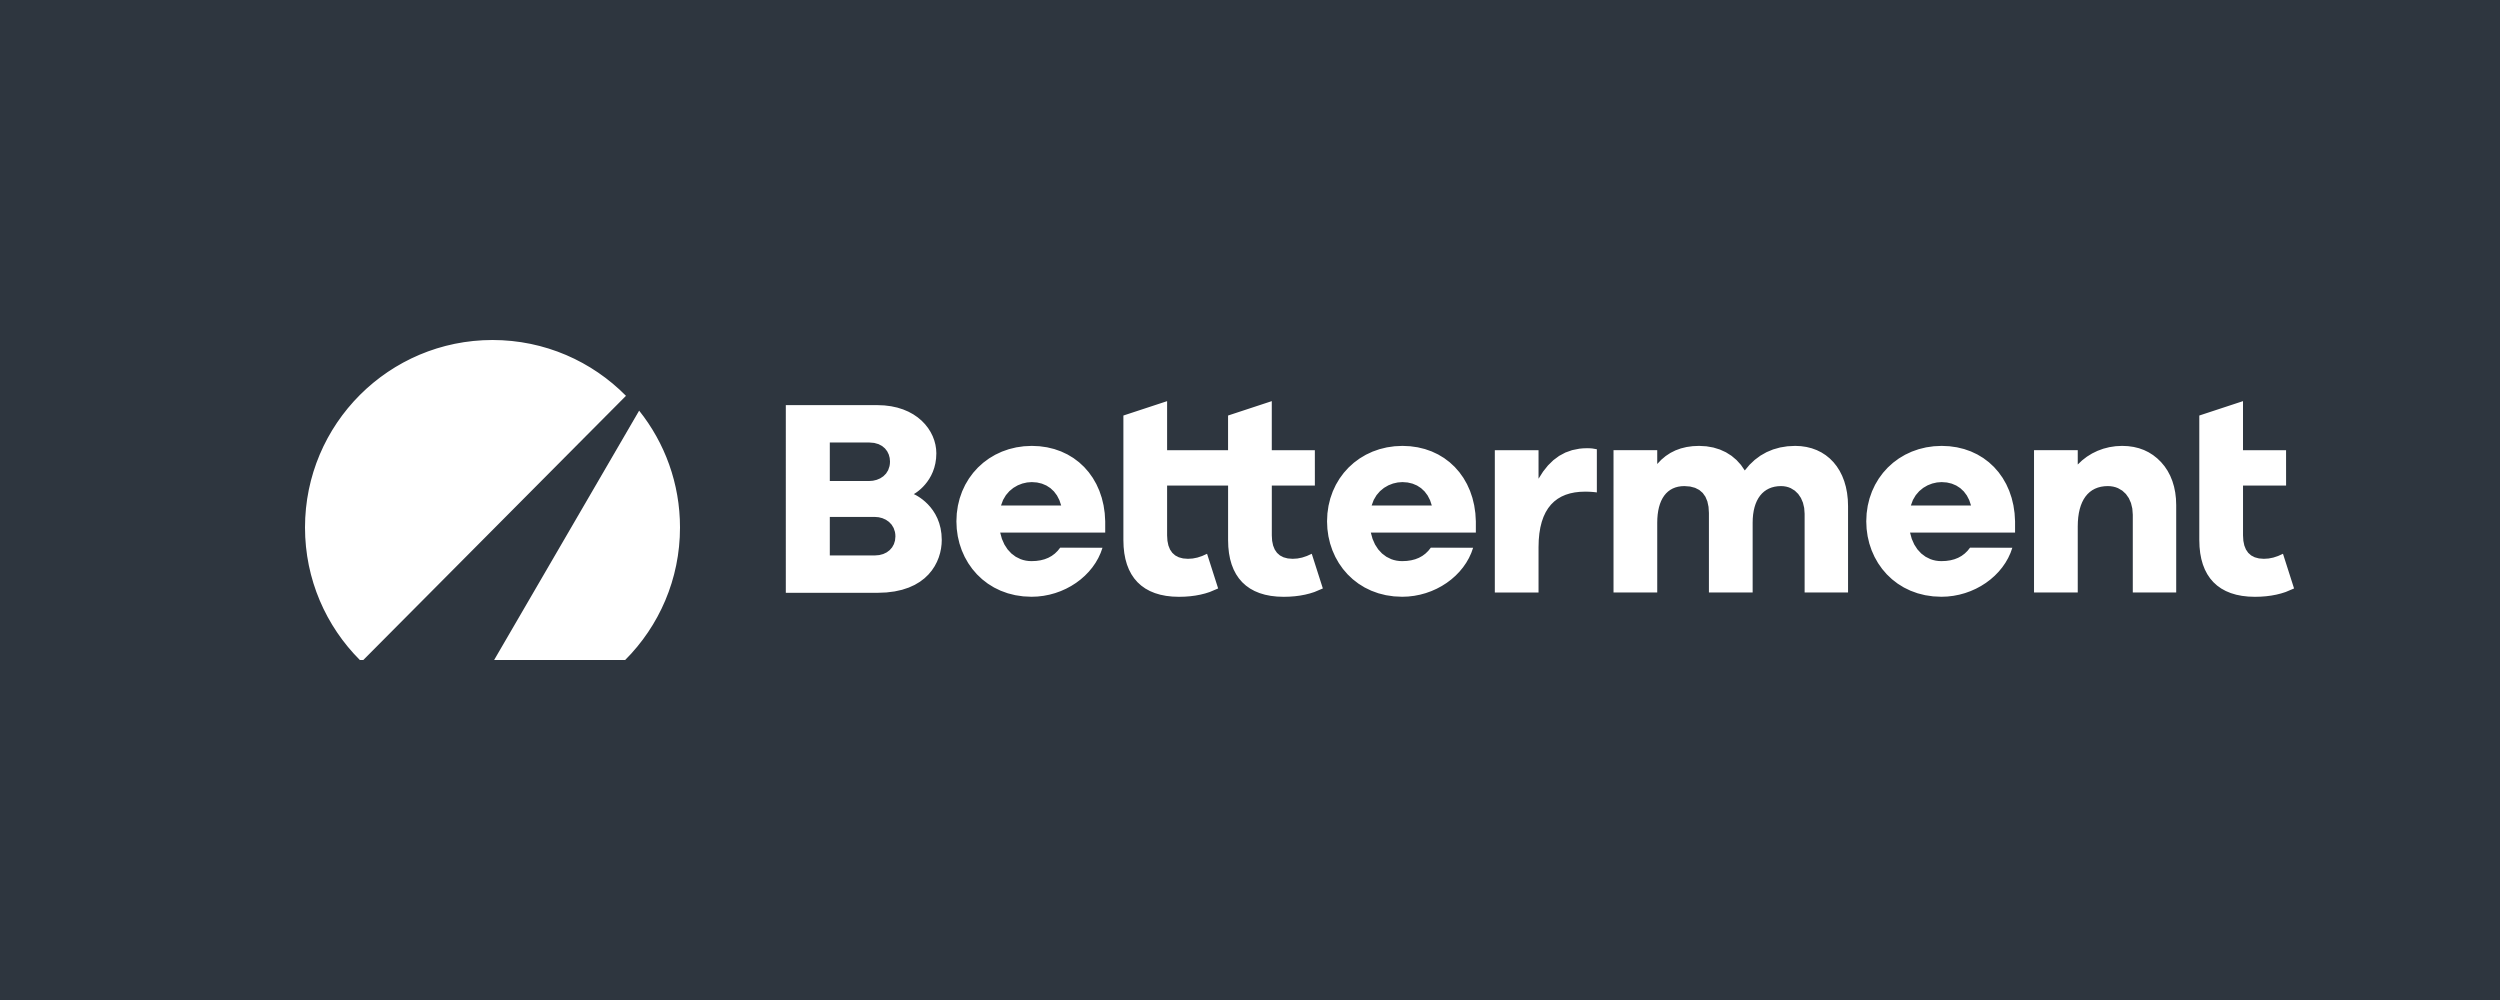 Betterment logo Rochester, MN PharmD Financial Planning, LLC